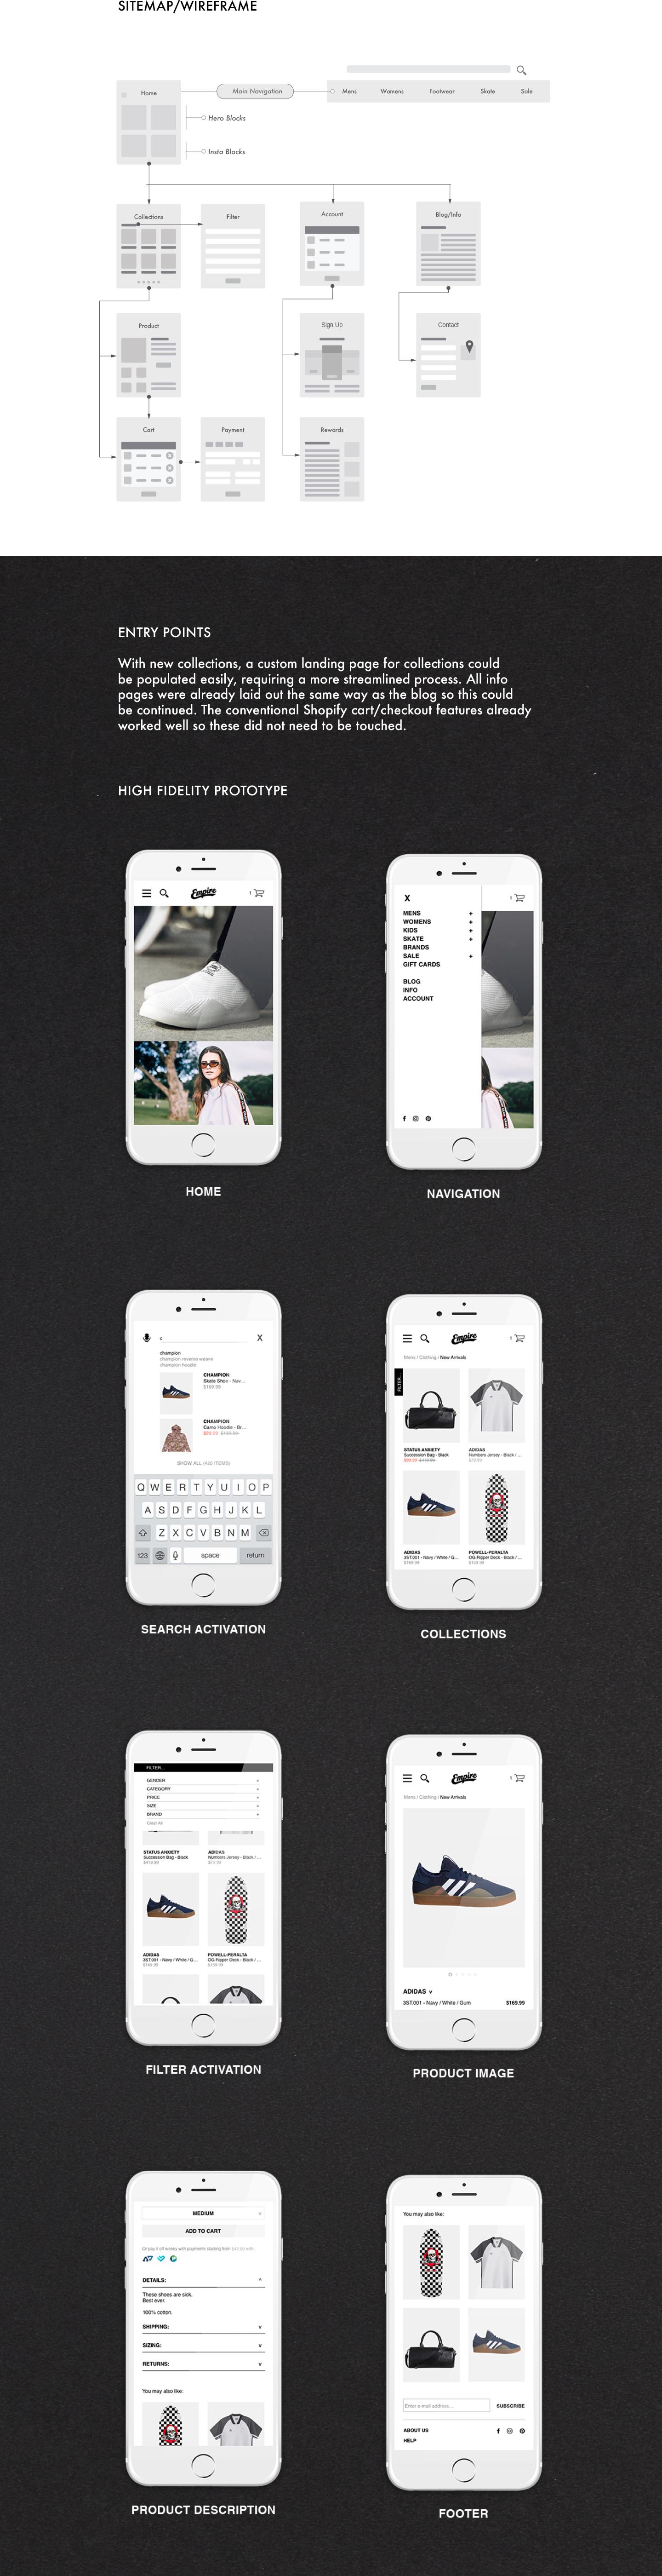 screens emp3.jpg